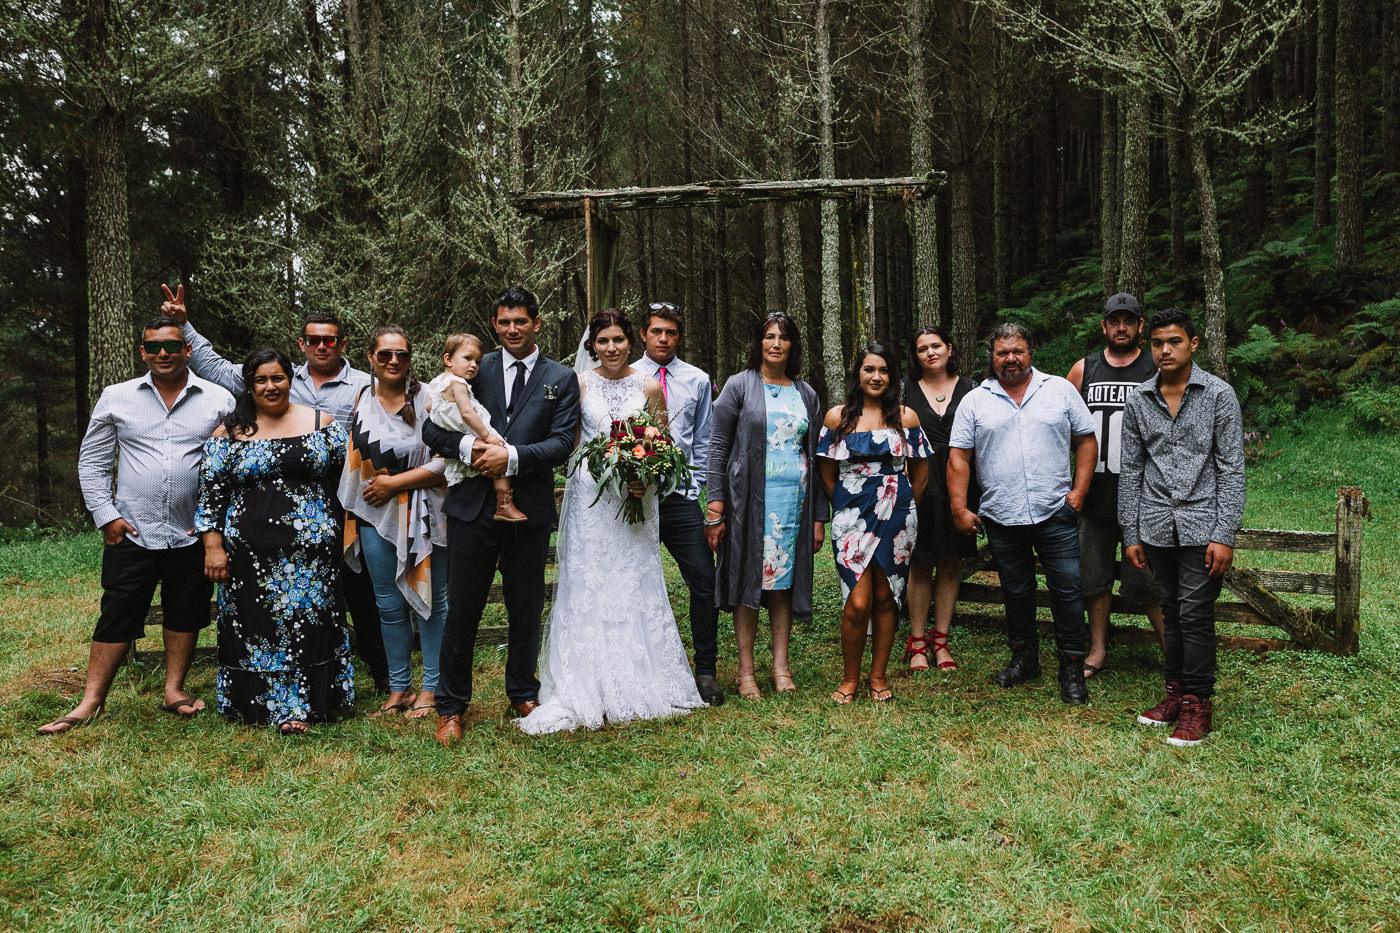 nz_wedding_photographer_gisborne-1158.jpg